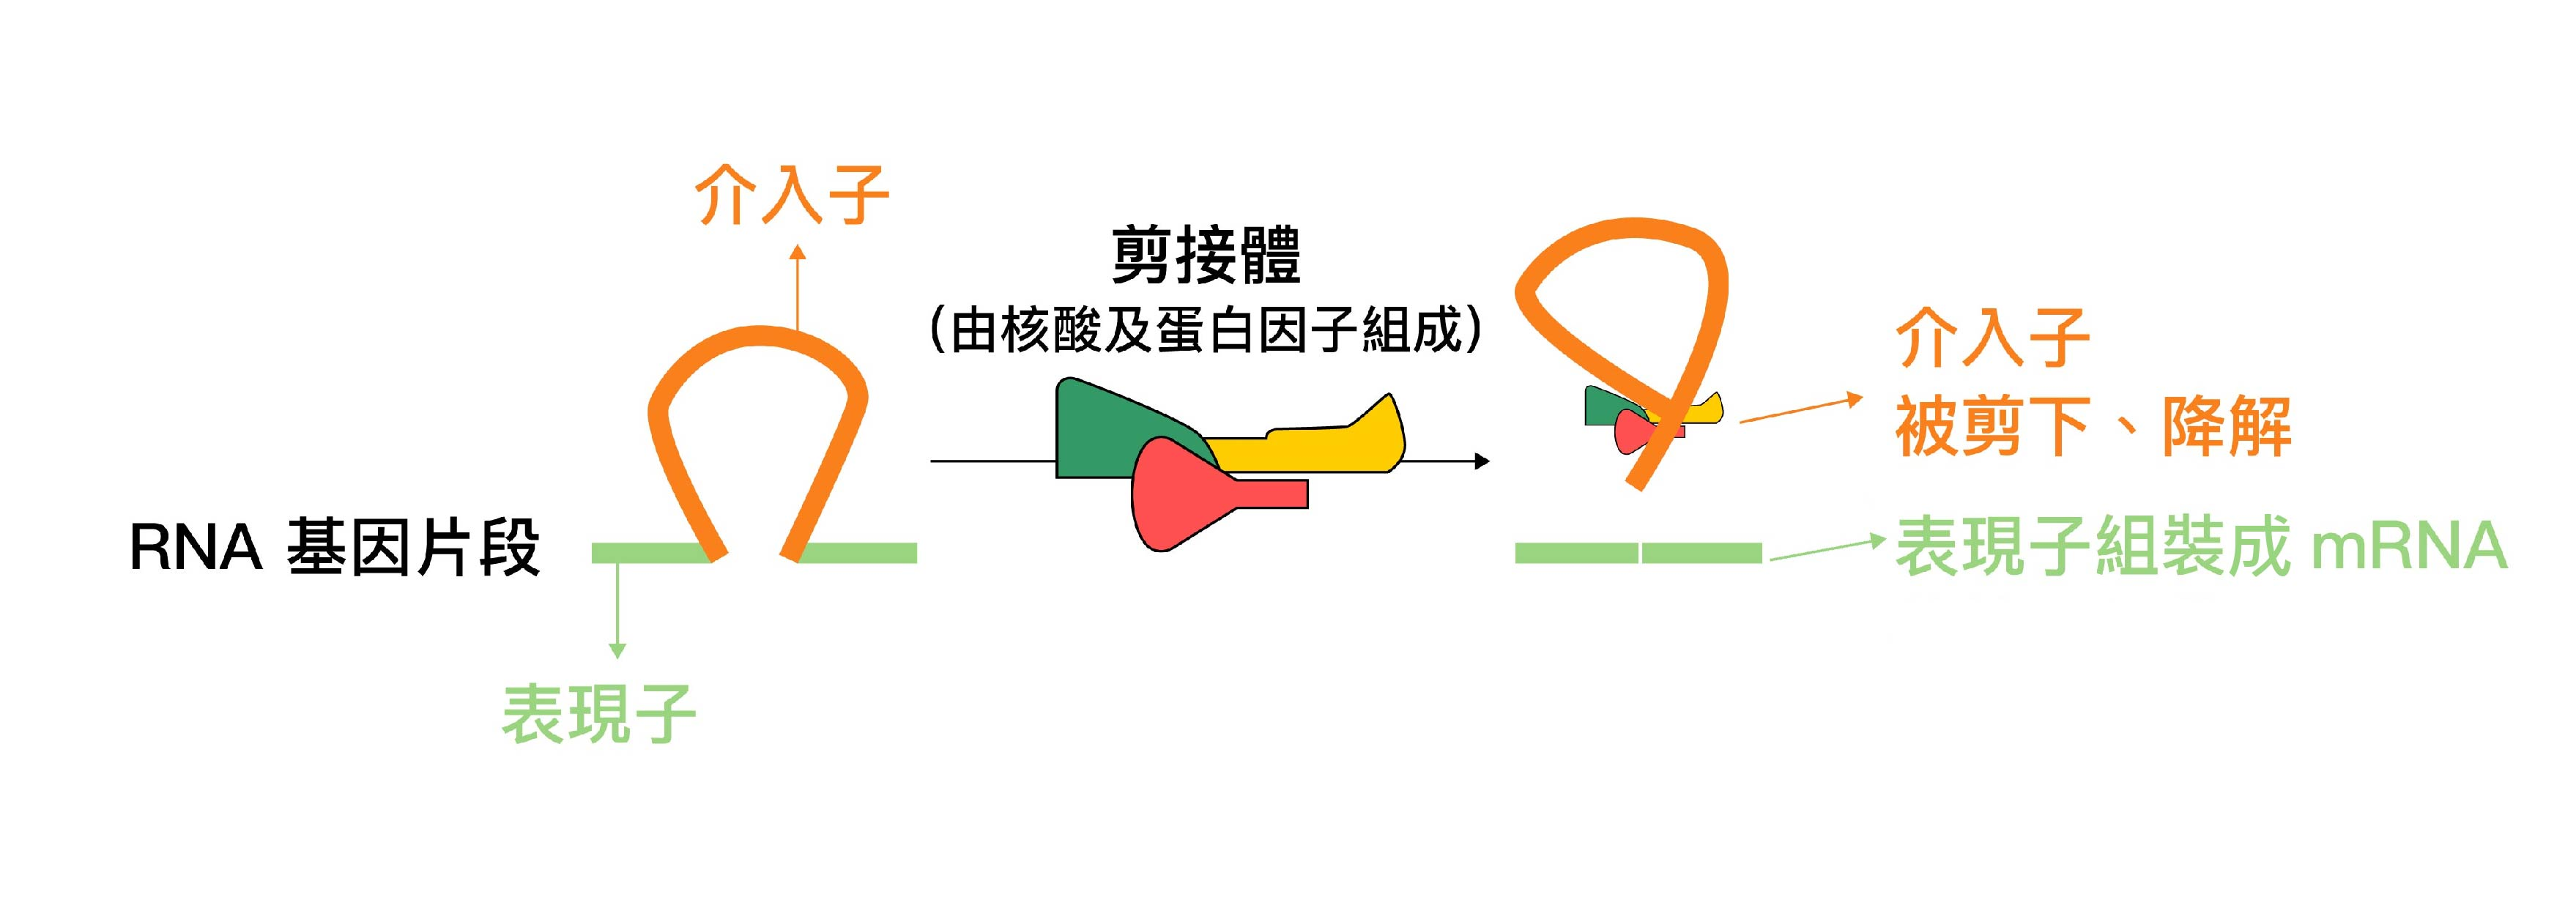 RNA 剪接過程中,由核酸及蛋白因子組成的「剪接體」,會剪下不需要的介入子、組裝被保留的表現子。資料來源│鄭淑珍 圖說重製│林婷嫻、張語辰